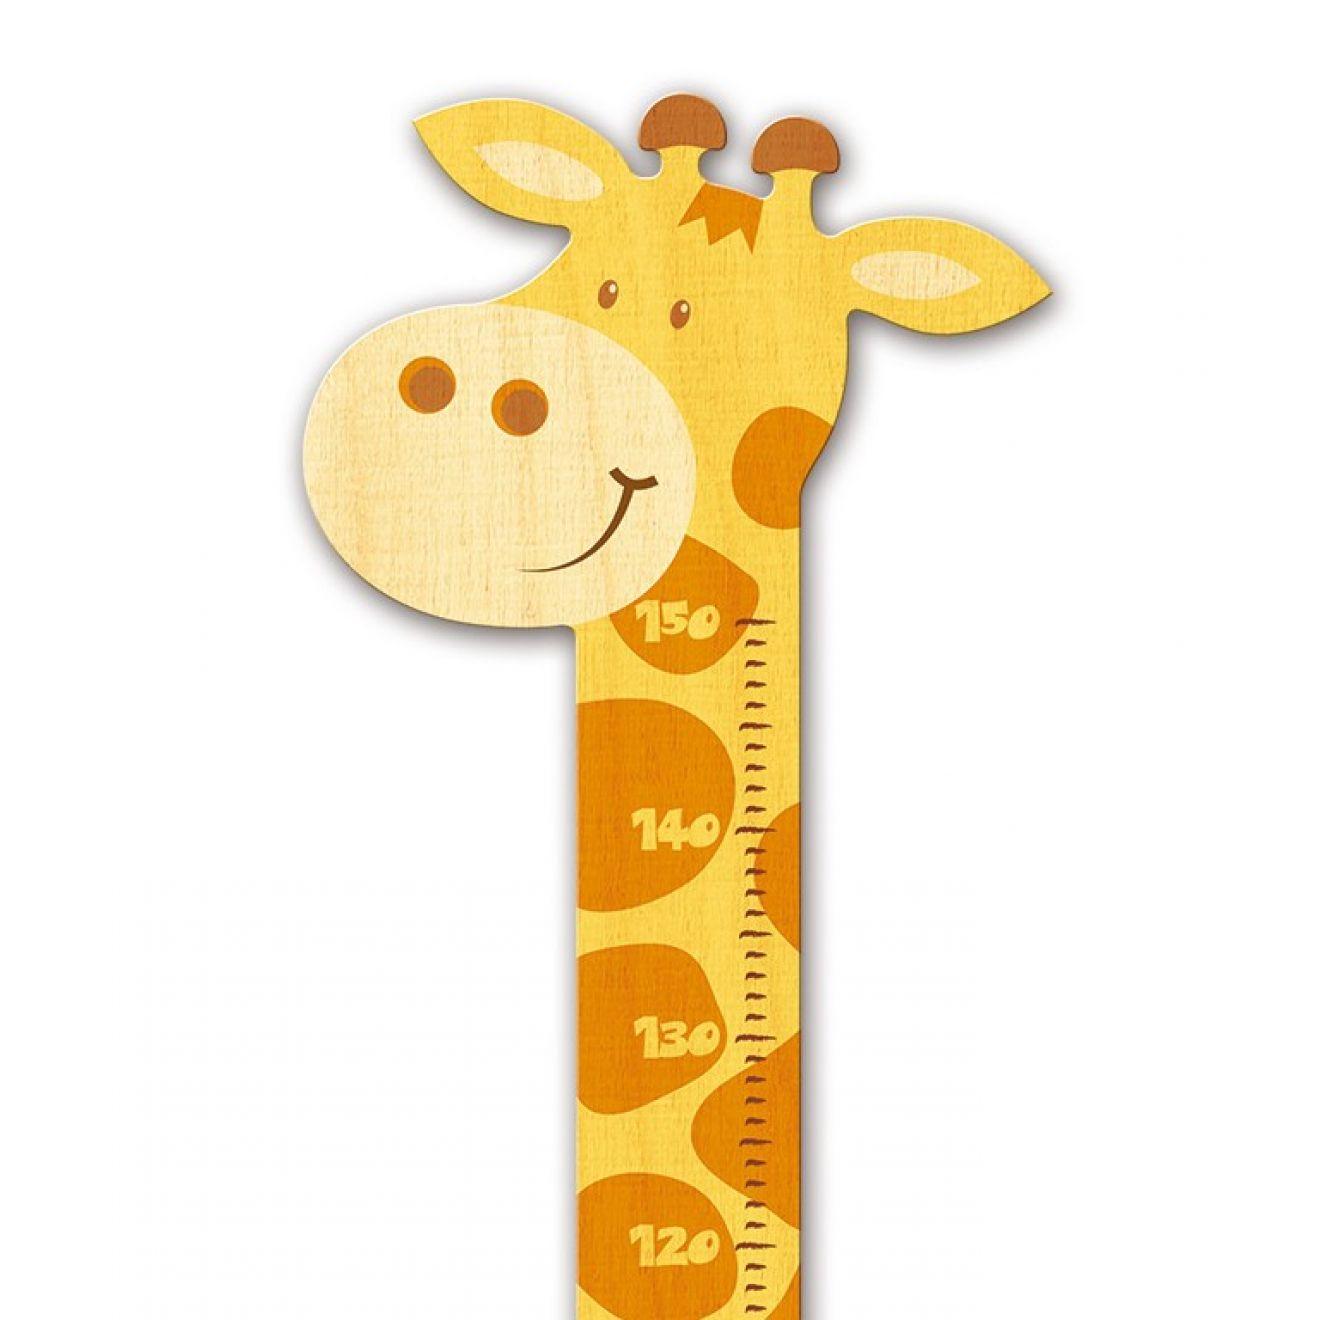 Full Size of Messlatte Kinderzimmer 1080 Uhd Holz Giraffe Regal Weiß Regale Sofa Kinderzimmer Messlatte Kinderzimmer